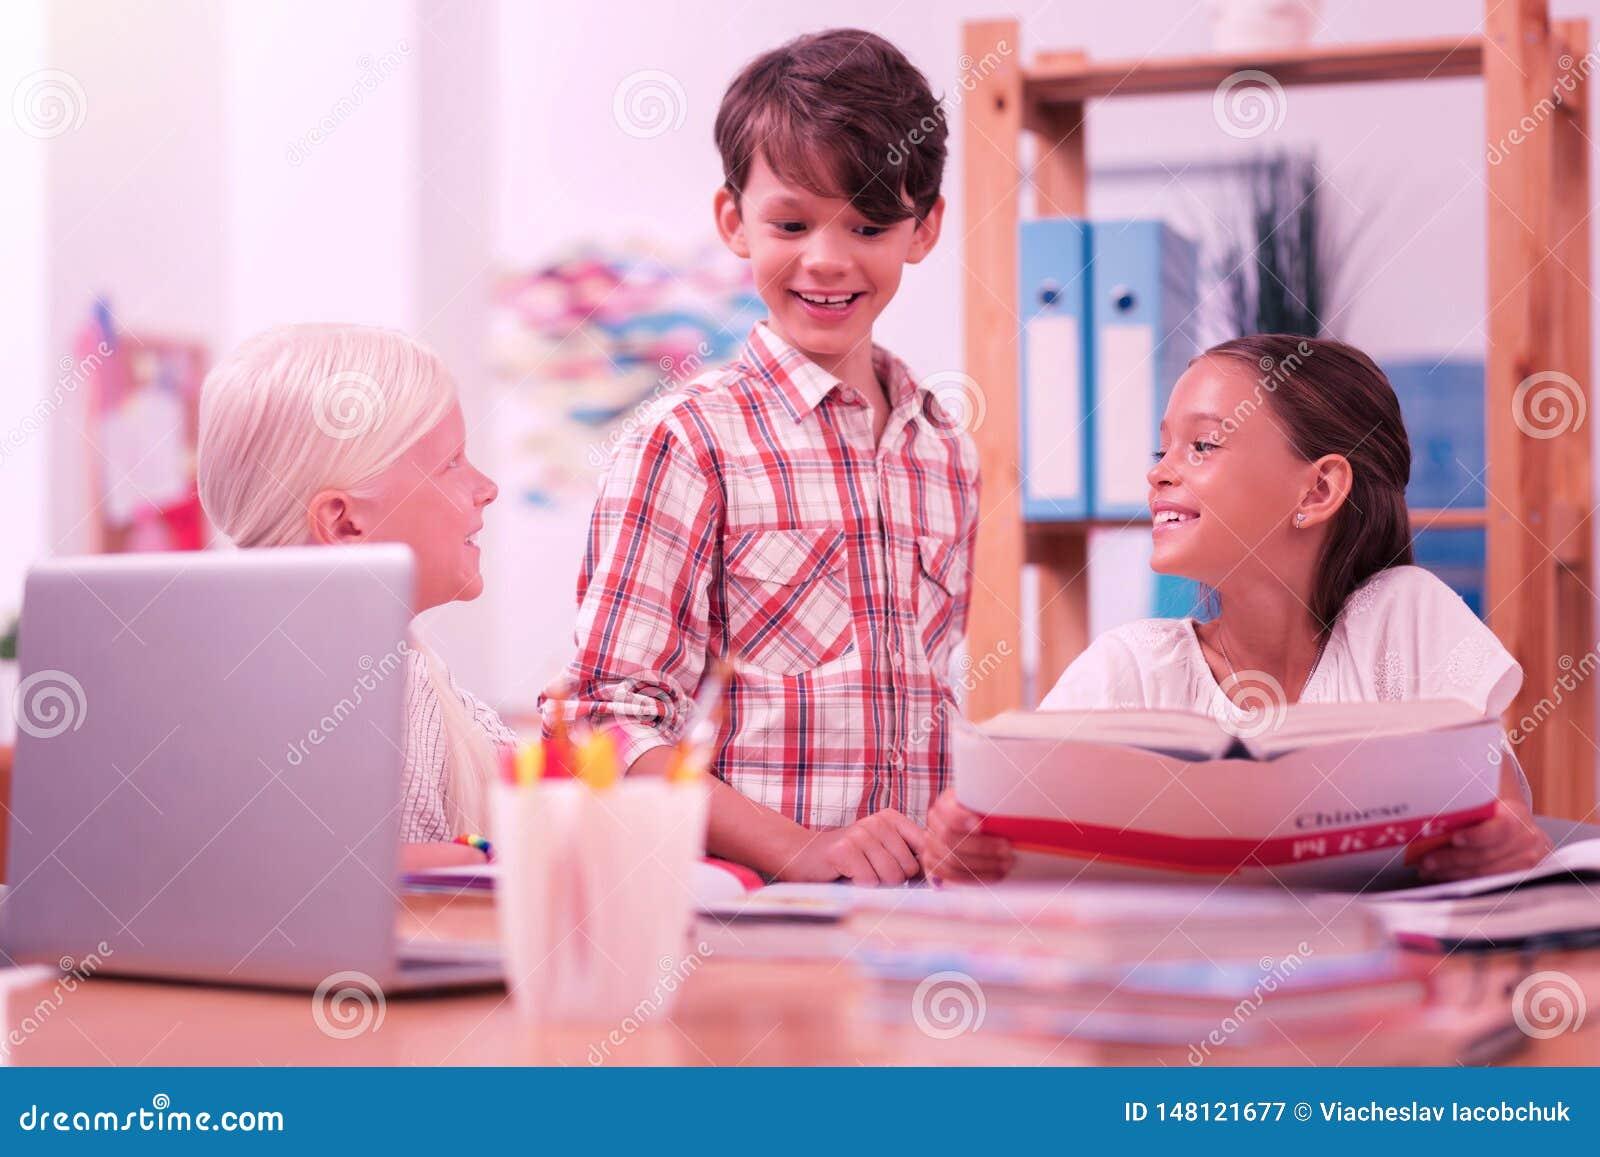 Drie schoolkinderen die bij elkaar glimlachen terwijl het leren van Chinees